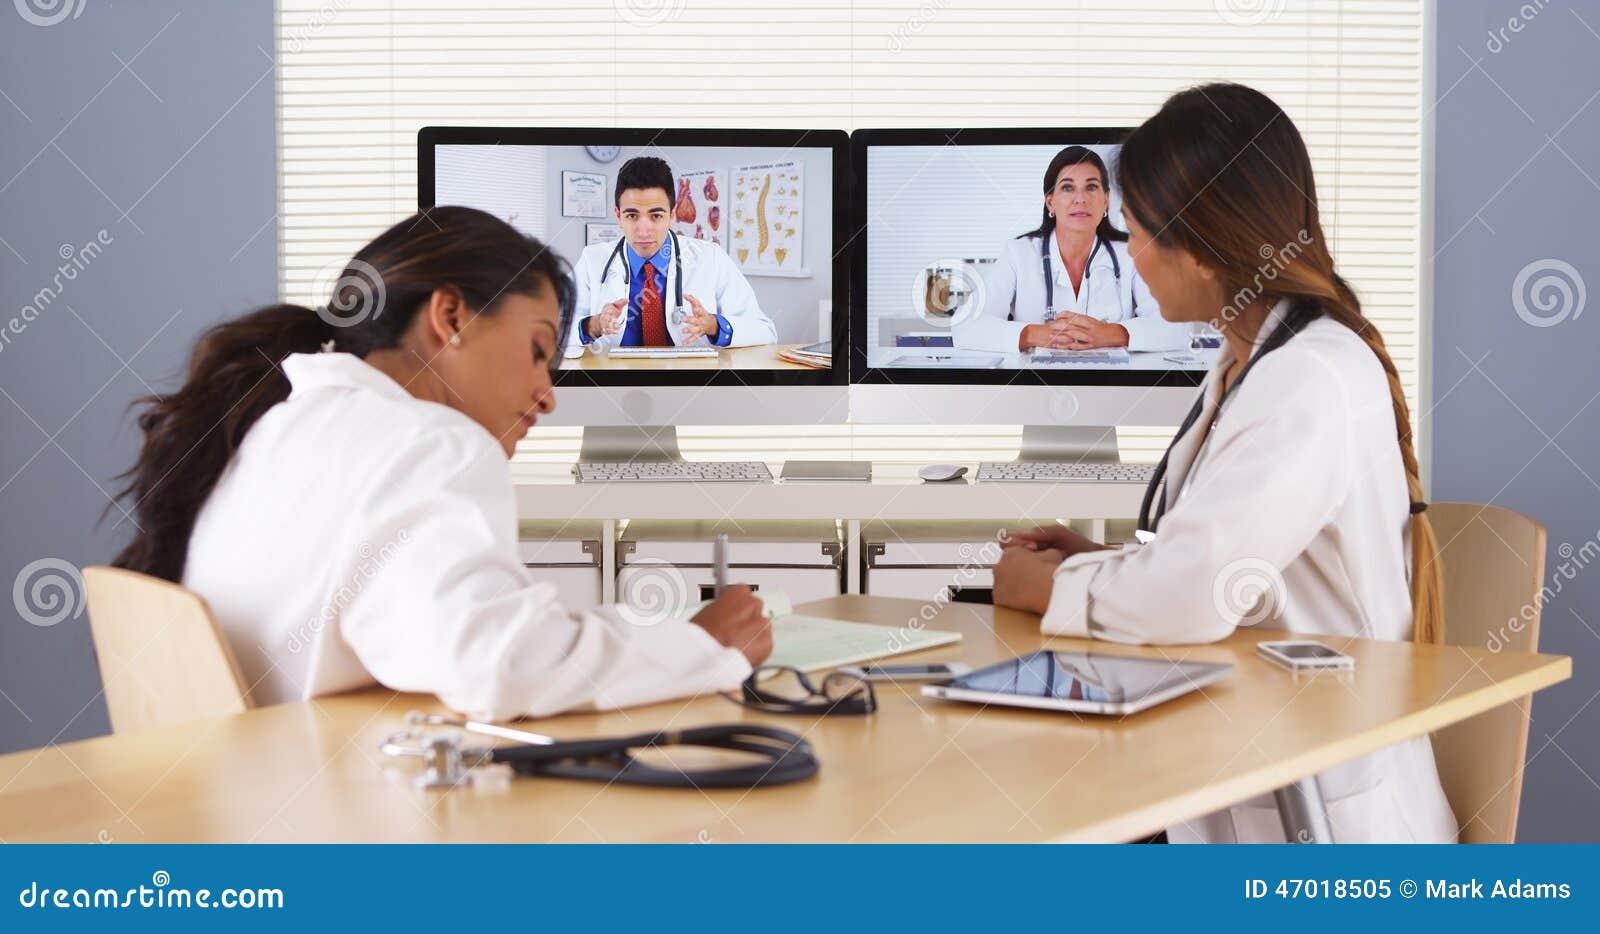 Équipe professionnelle de médecins multi-ethniques ayant une vidéoconférence